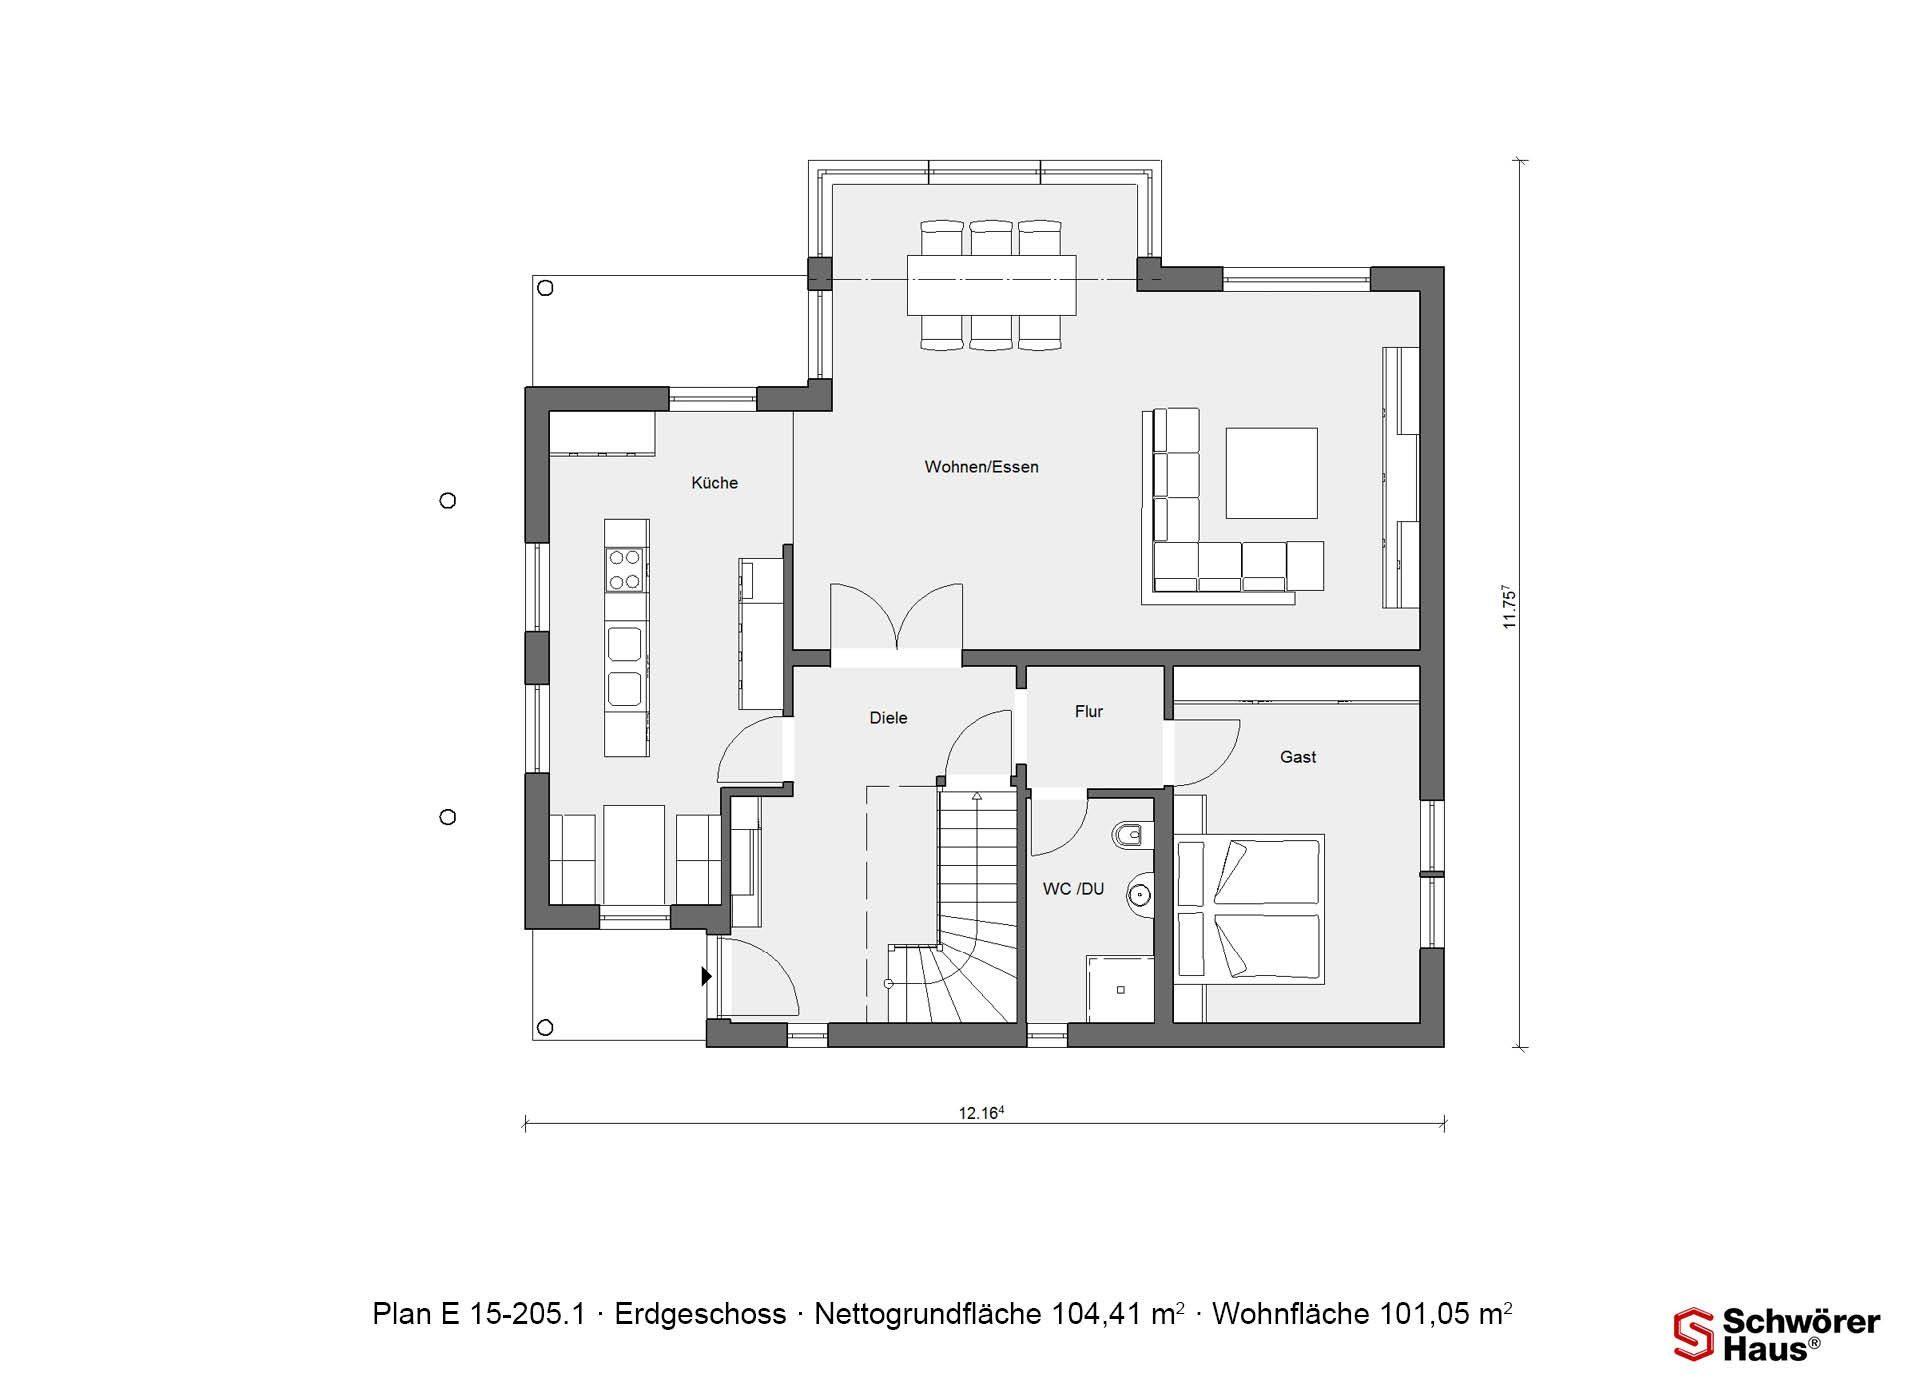 Plan E 15-193.1 - Ein Screenshot eines Videospiels - Gebäudeplan